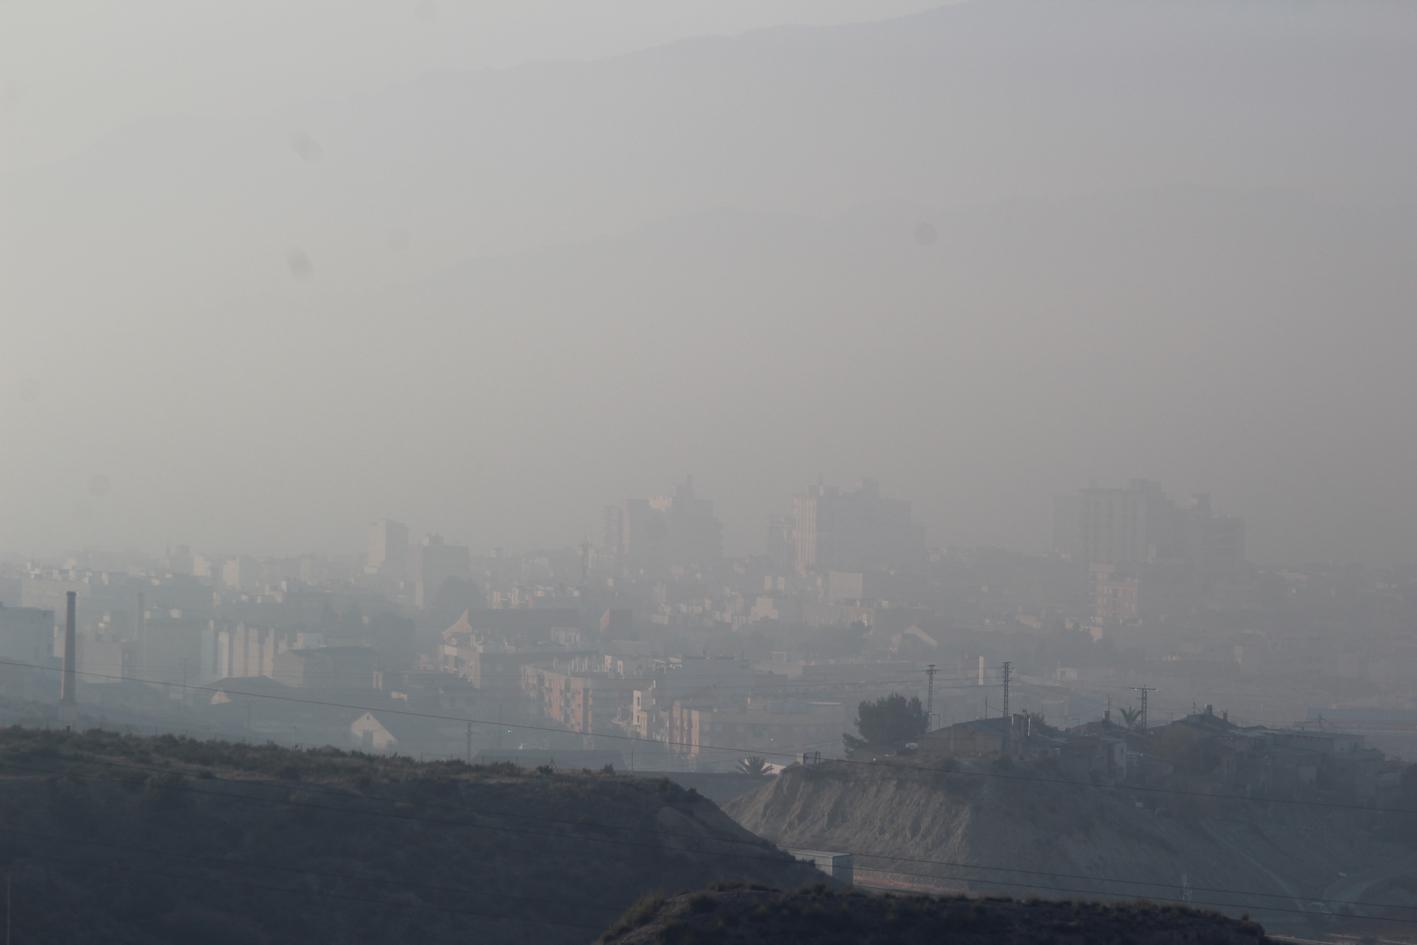 Cieza envuelta en humo, el 24 de febrero pasado. Imagen: EEA